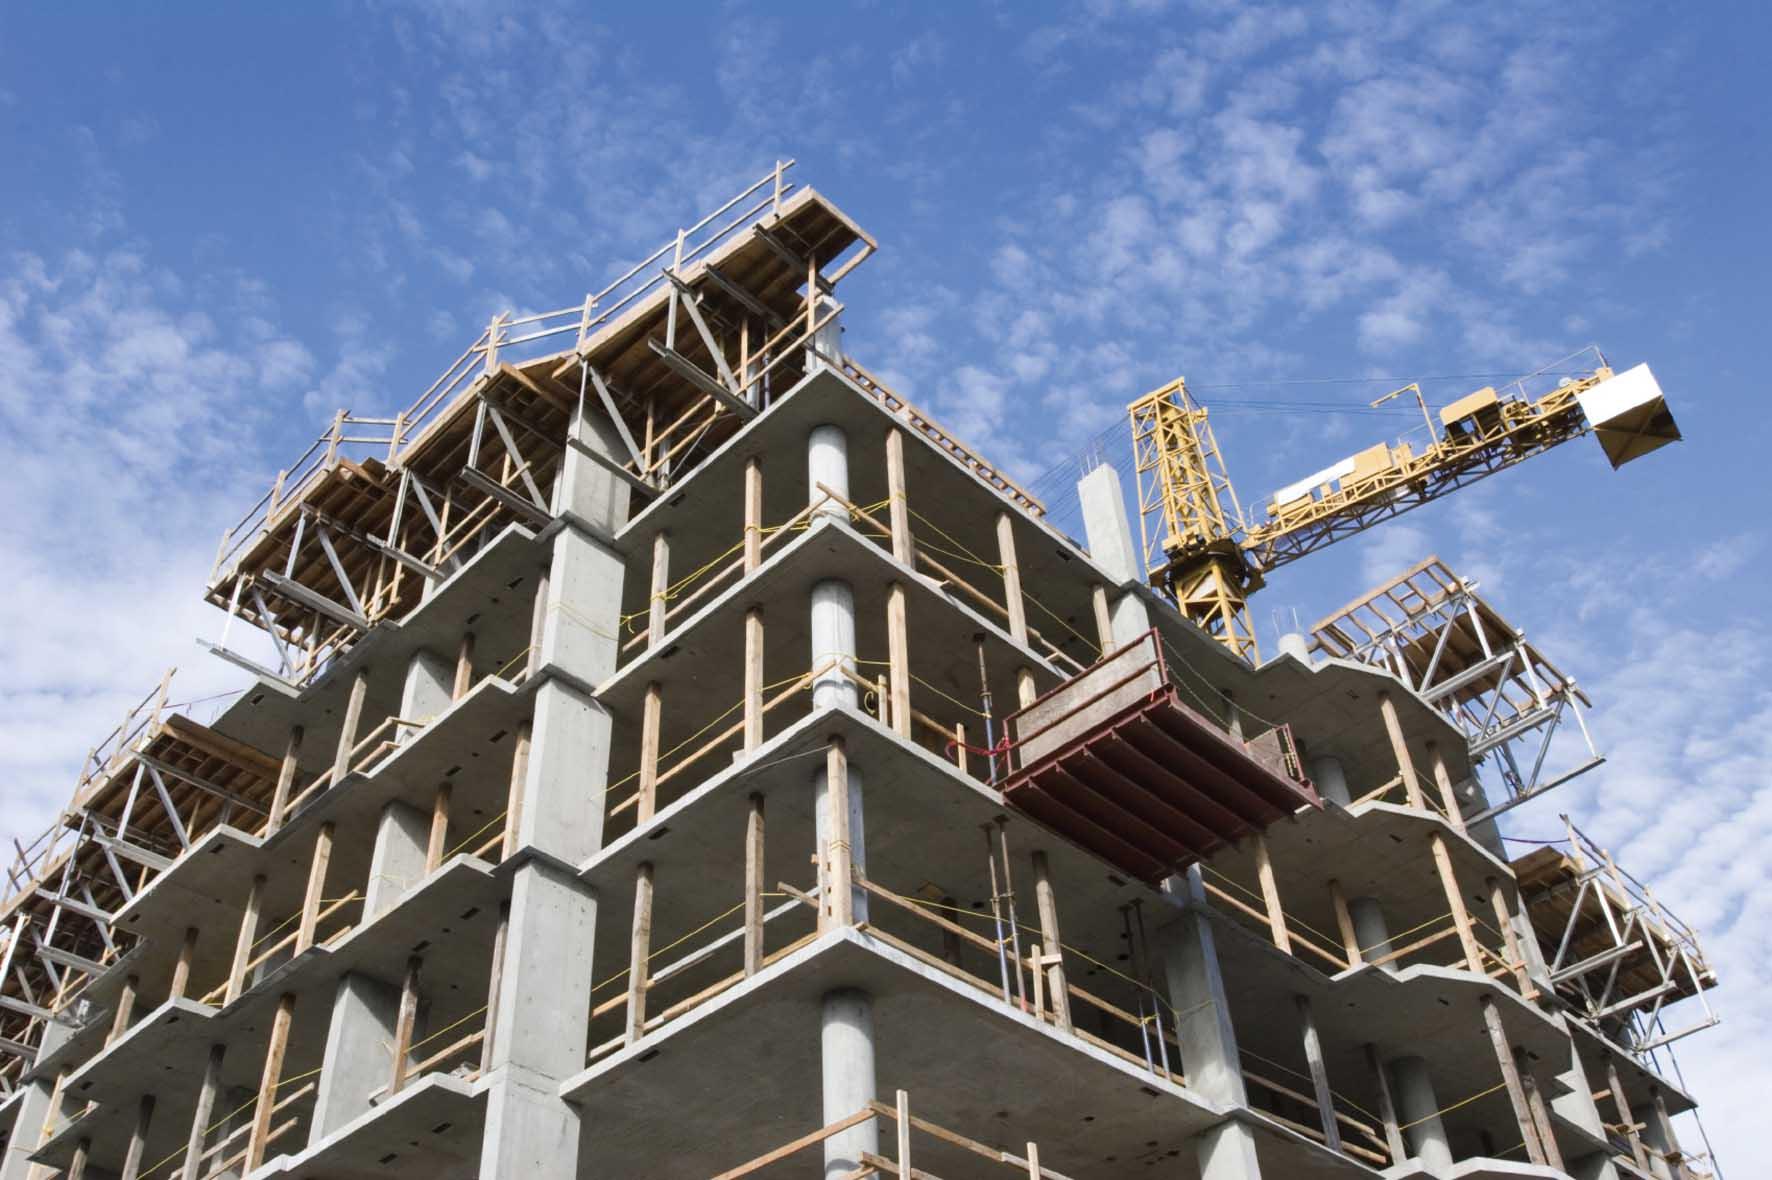 Imprese Edili Nel Veneto veneto, il settore edile ad un punto di svolta - il nordest